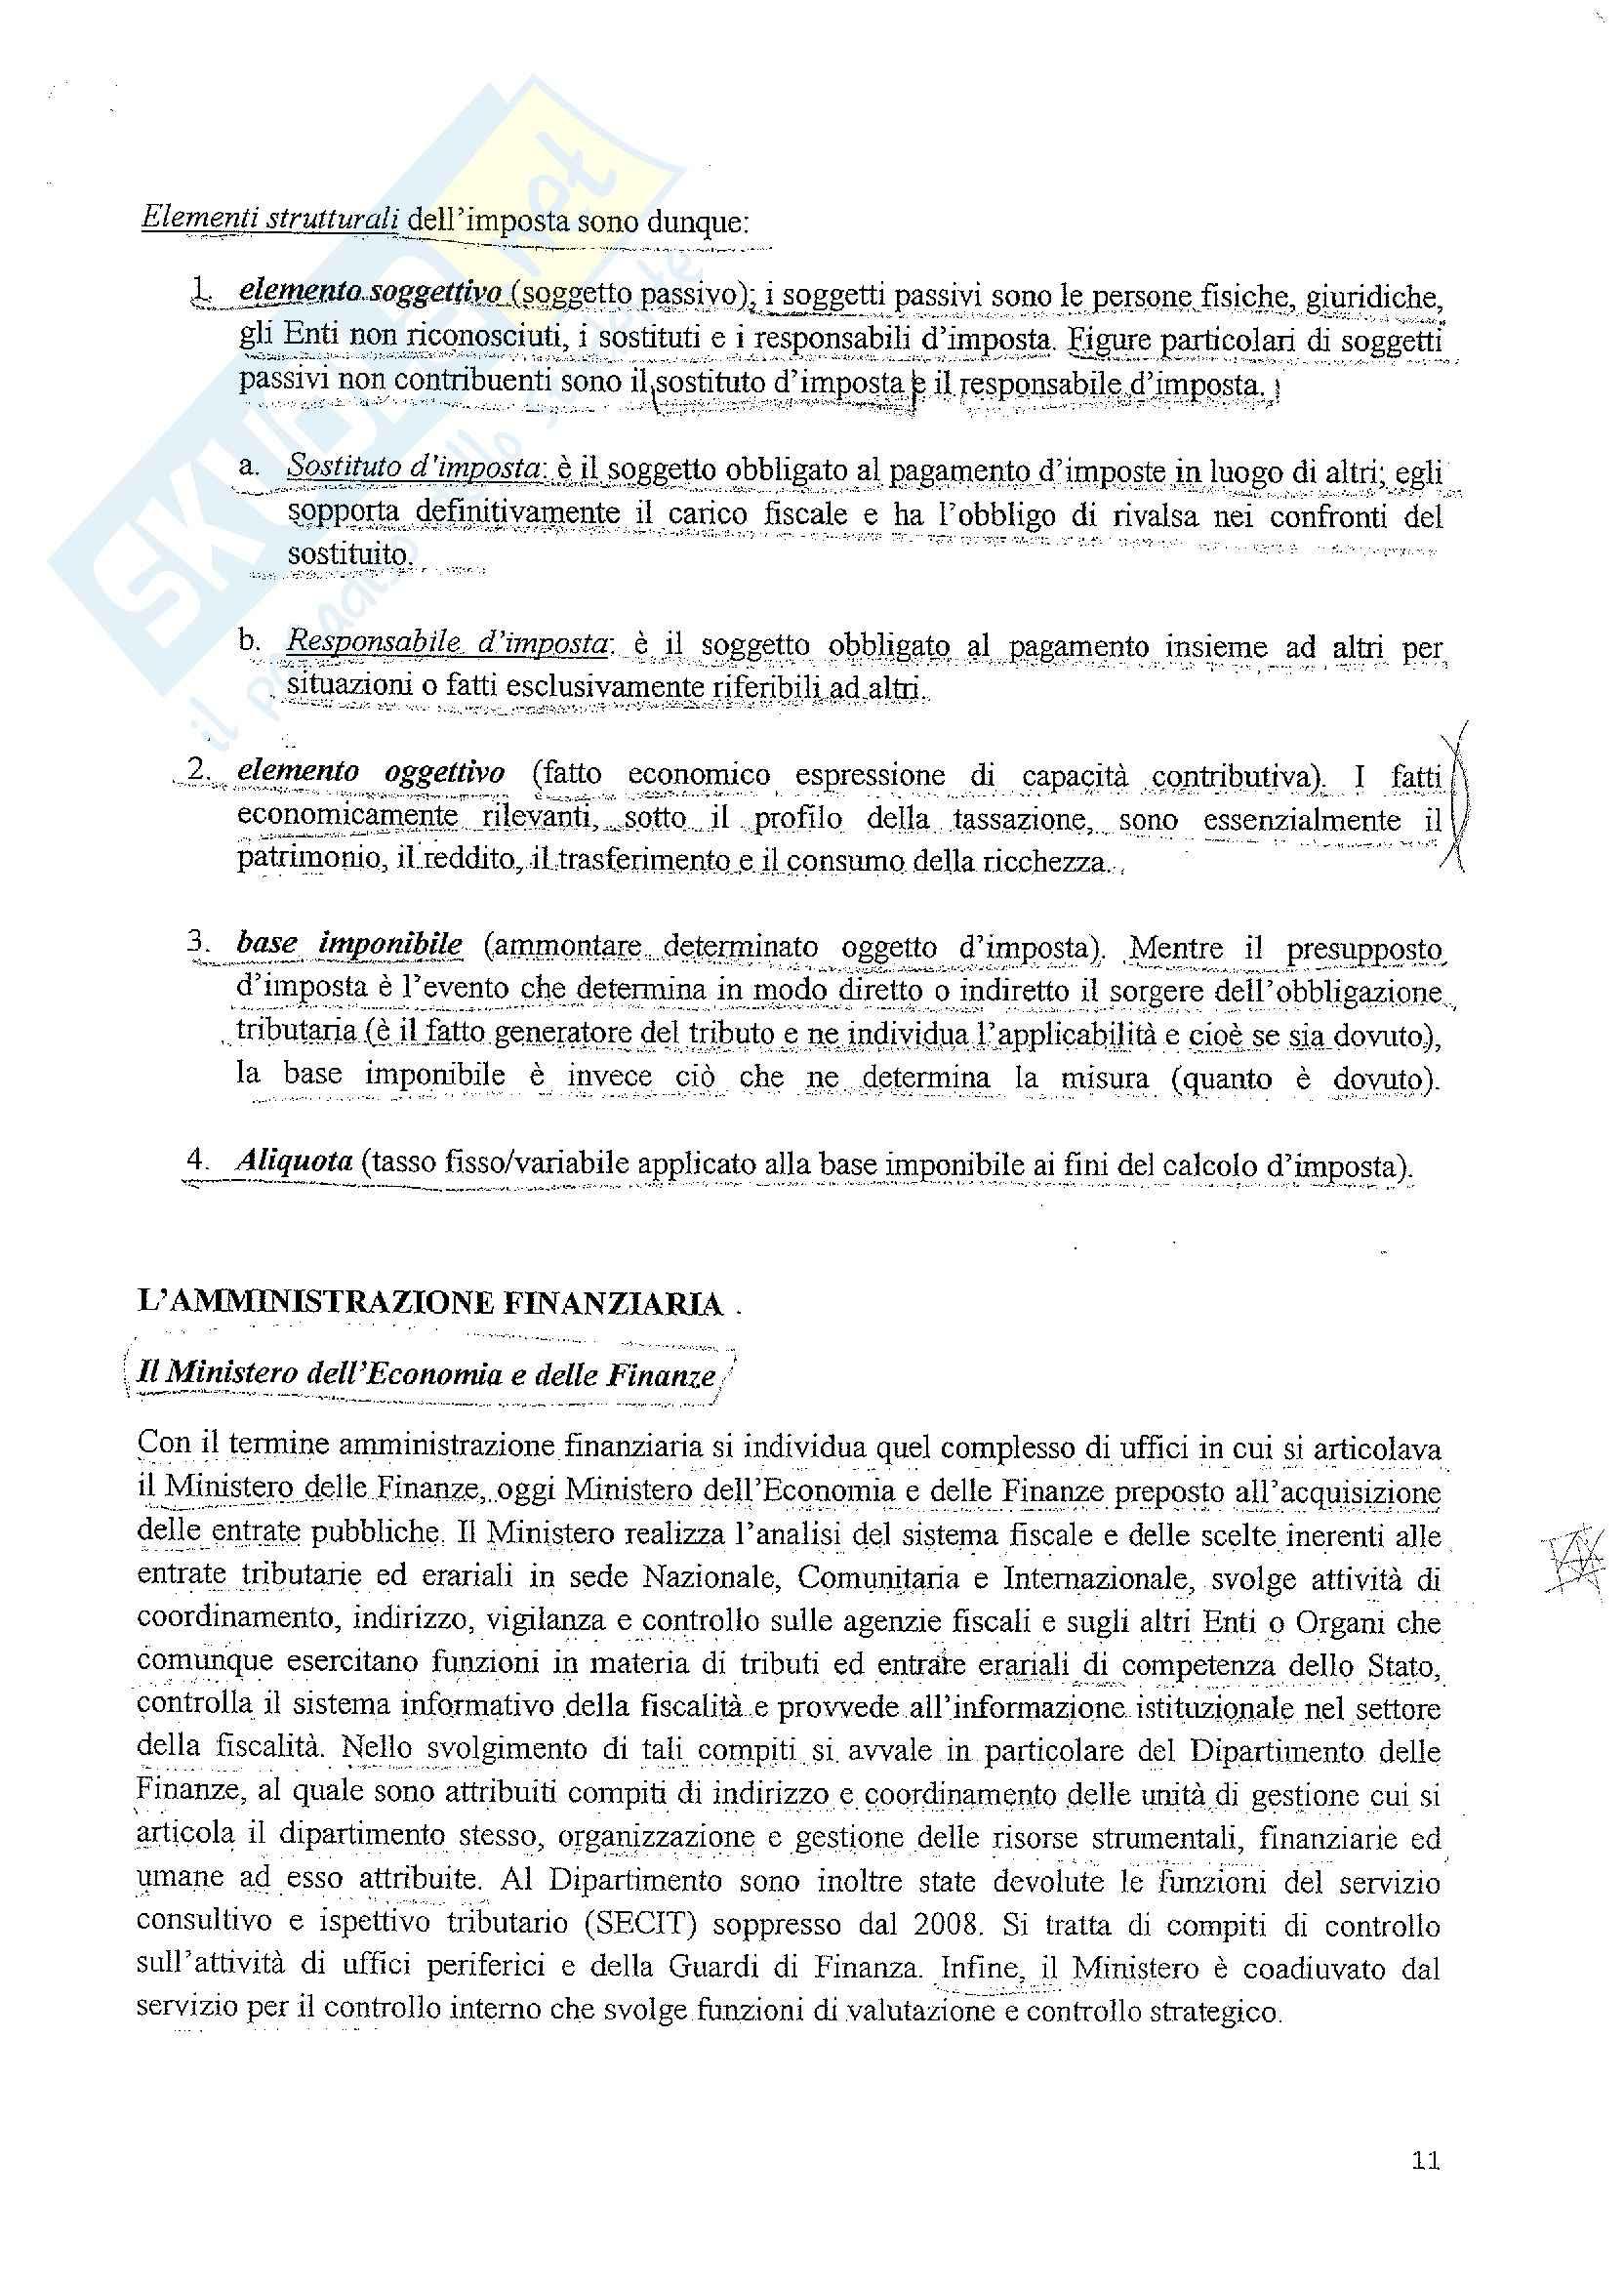 Diritto tributario - le fonti del diritto tributario Pag. 11